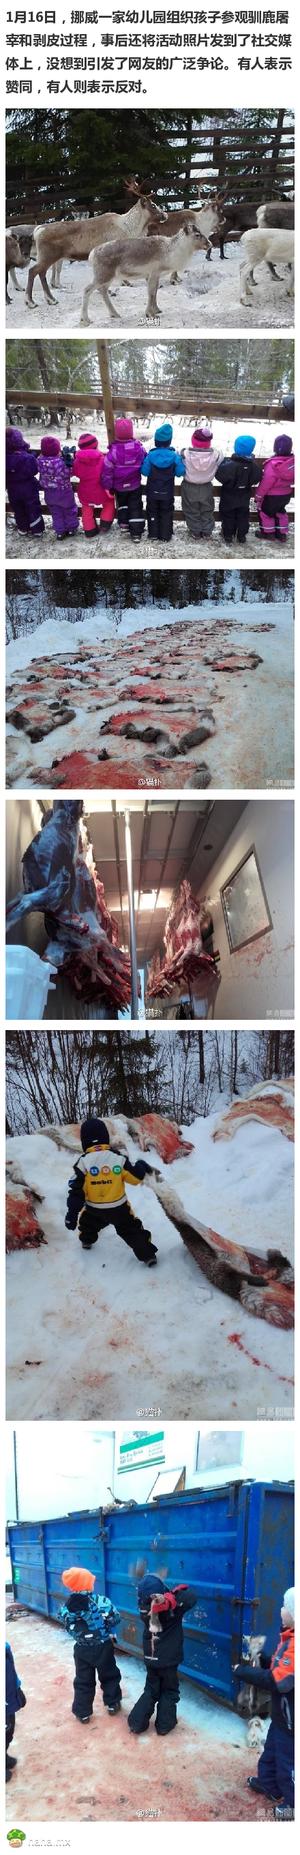 挪威幼儿园组织孩子看屠宰现场引发争议!